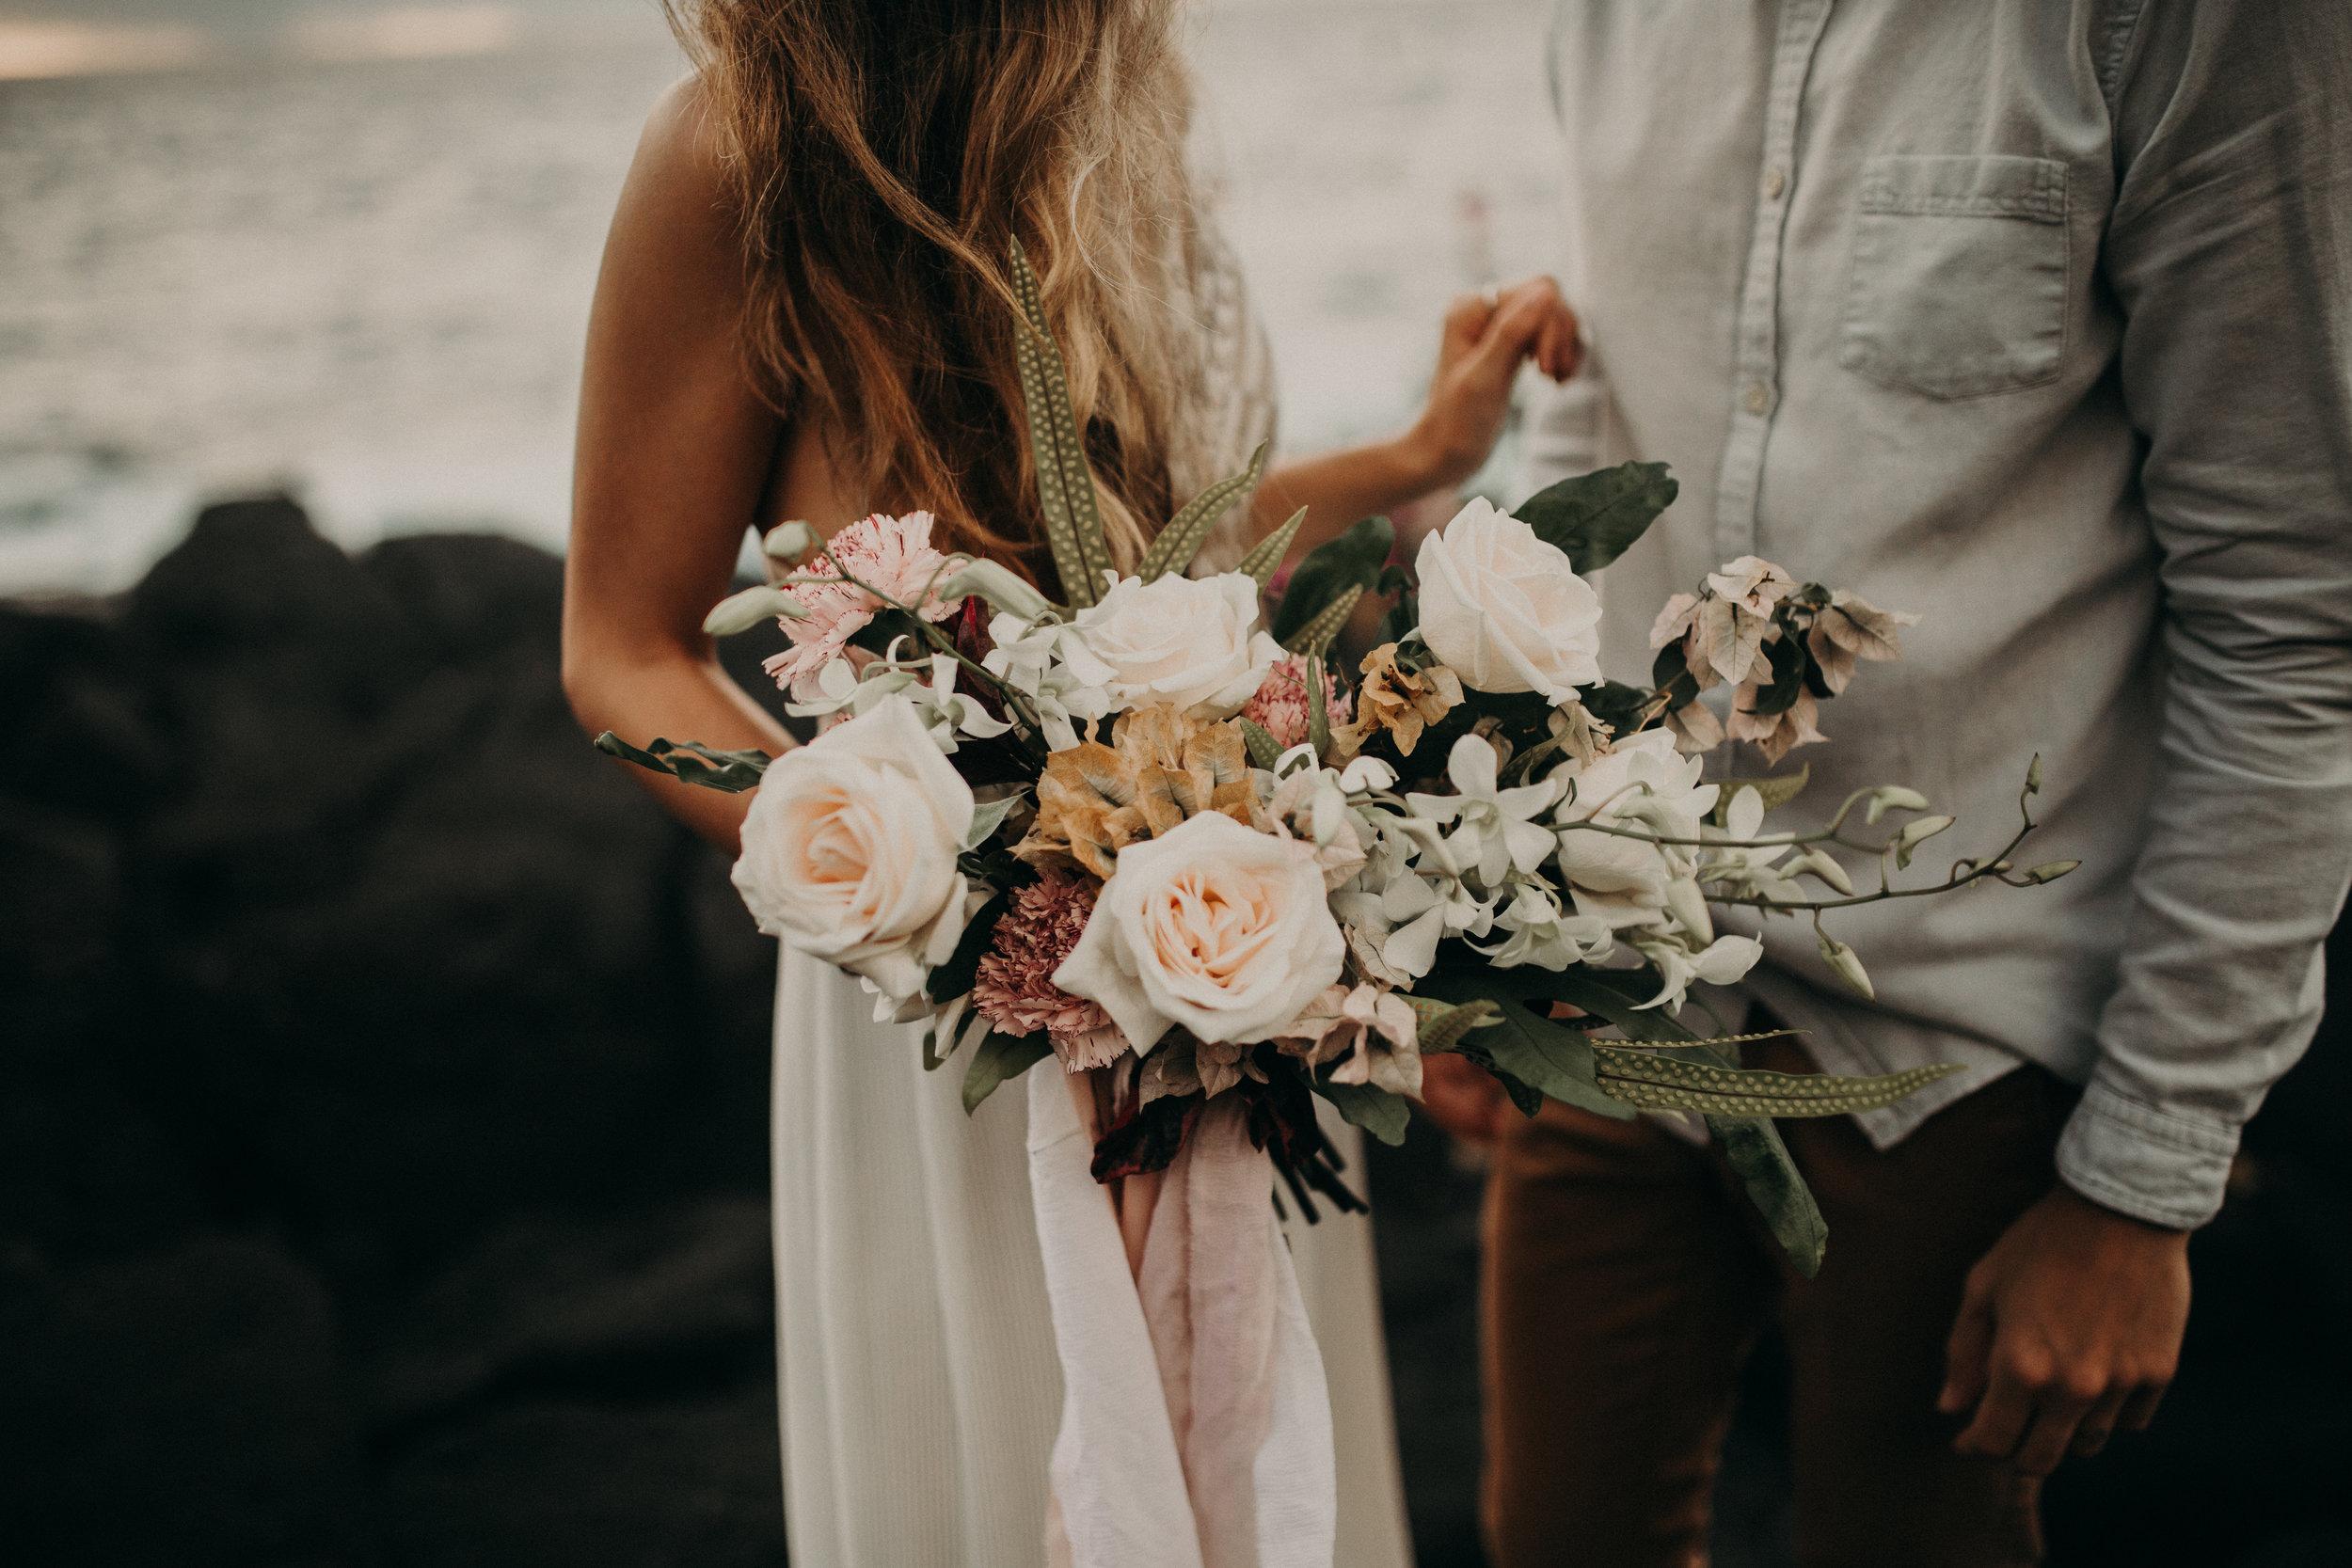 kauai_florist_wedding_bouquet_moonstruck_florals.jpg